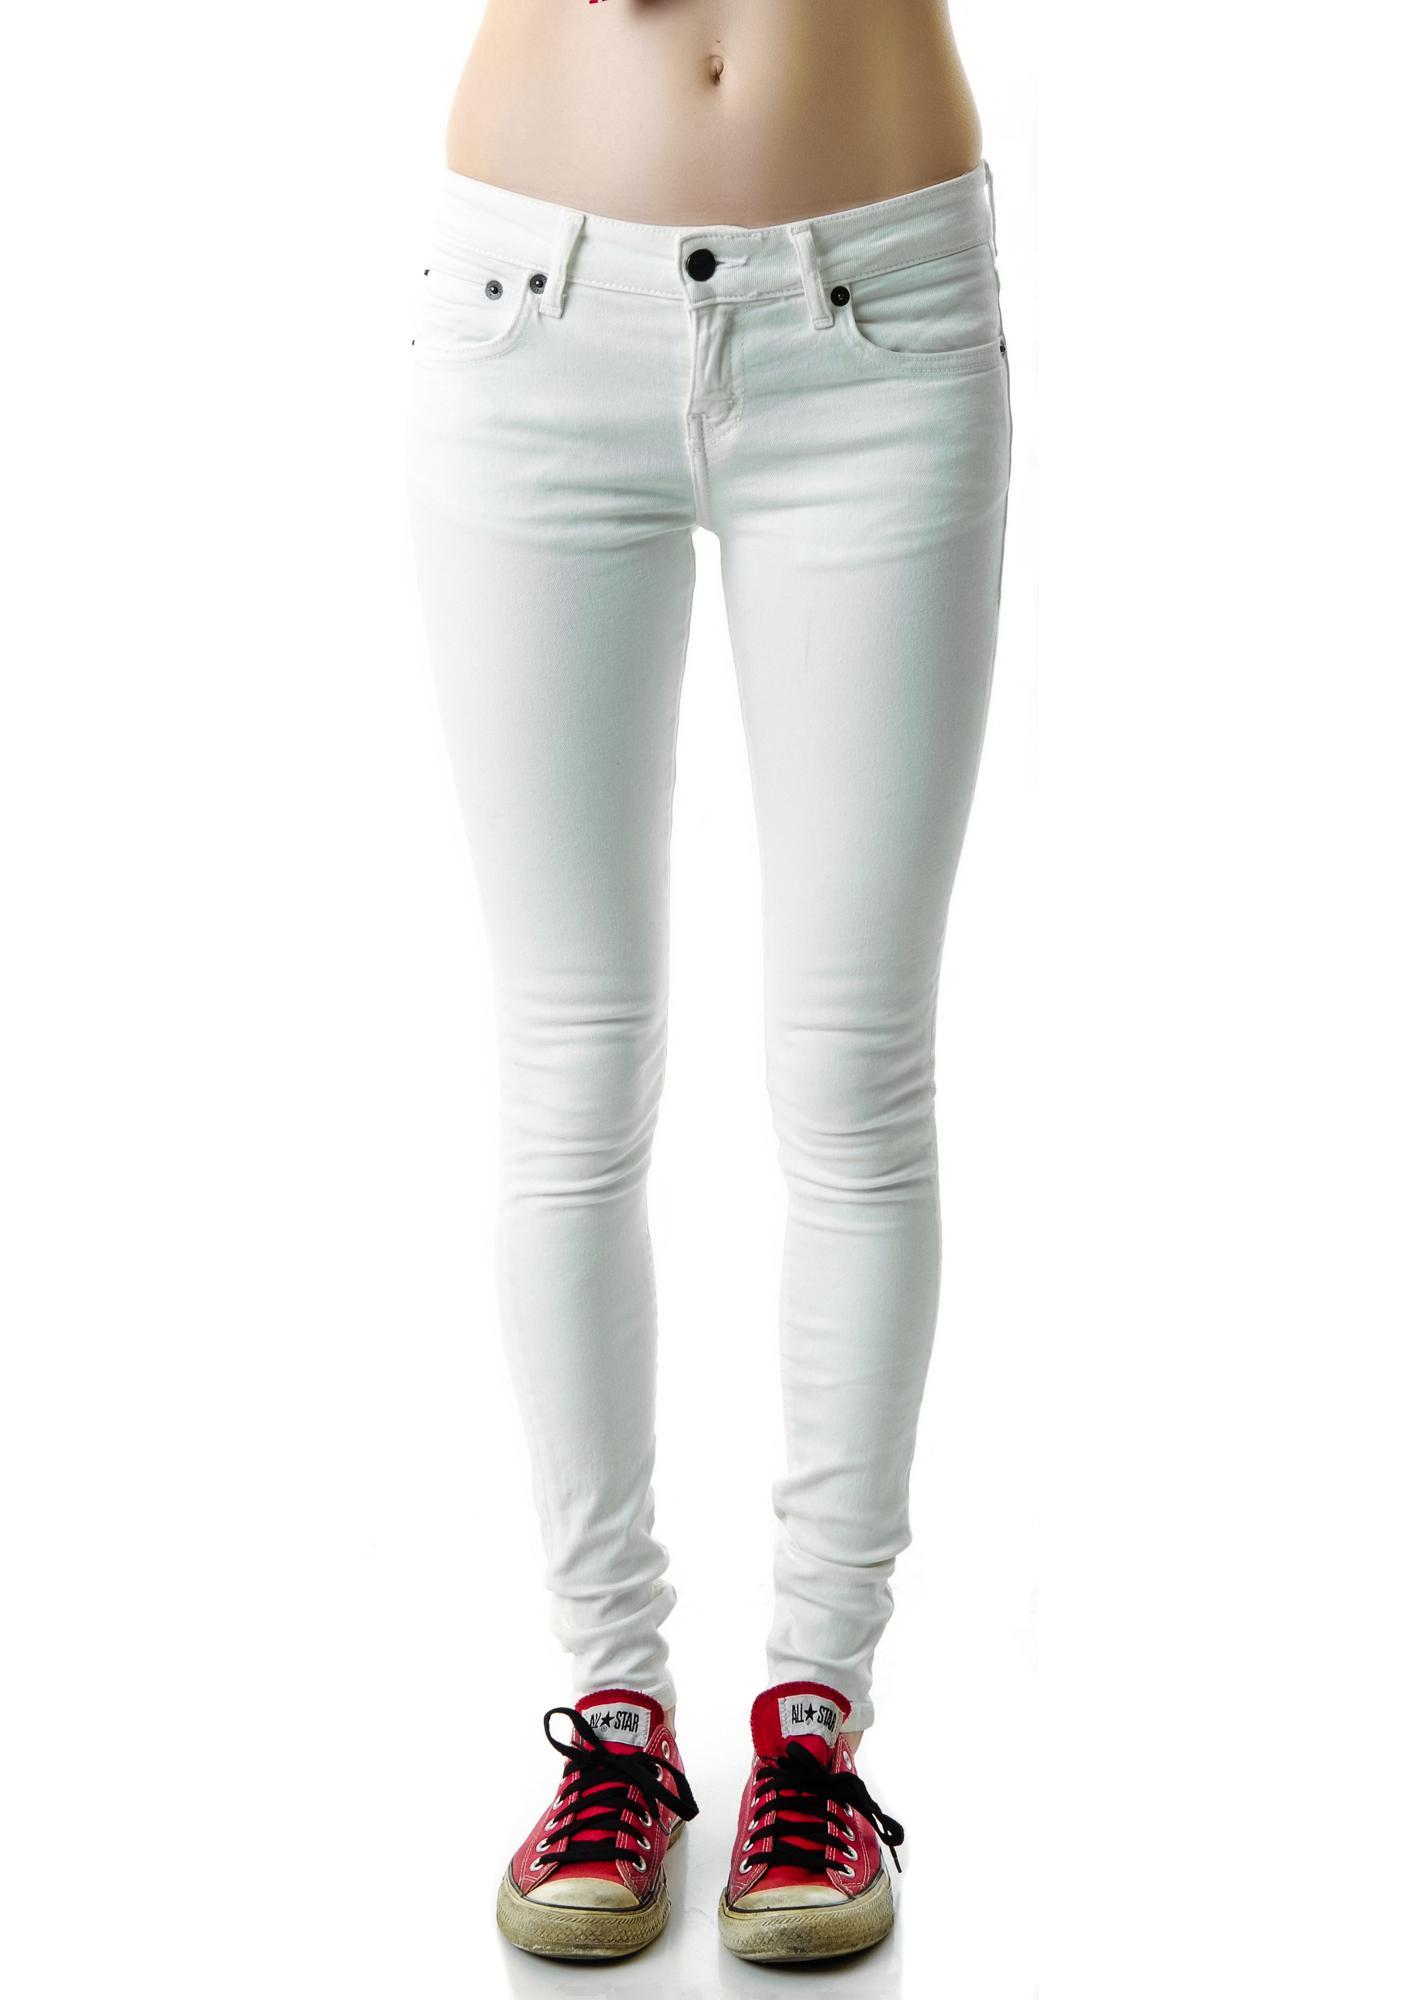 Kill City Stretch Twill Junkie Fit Jeans